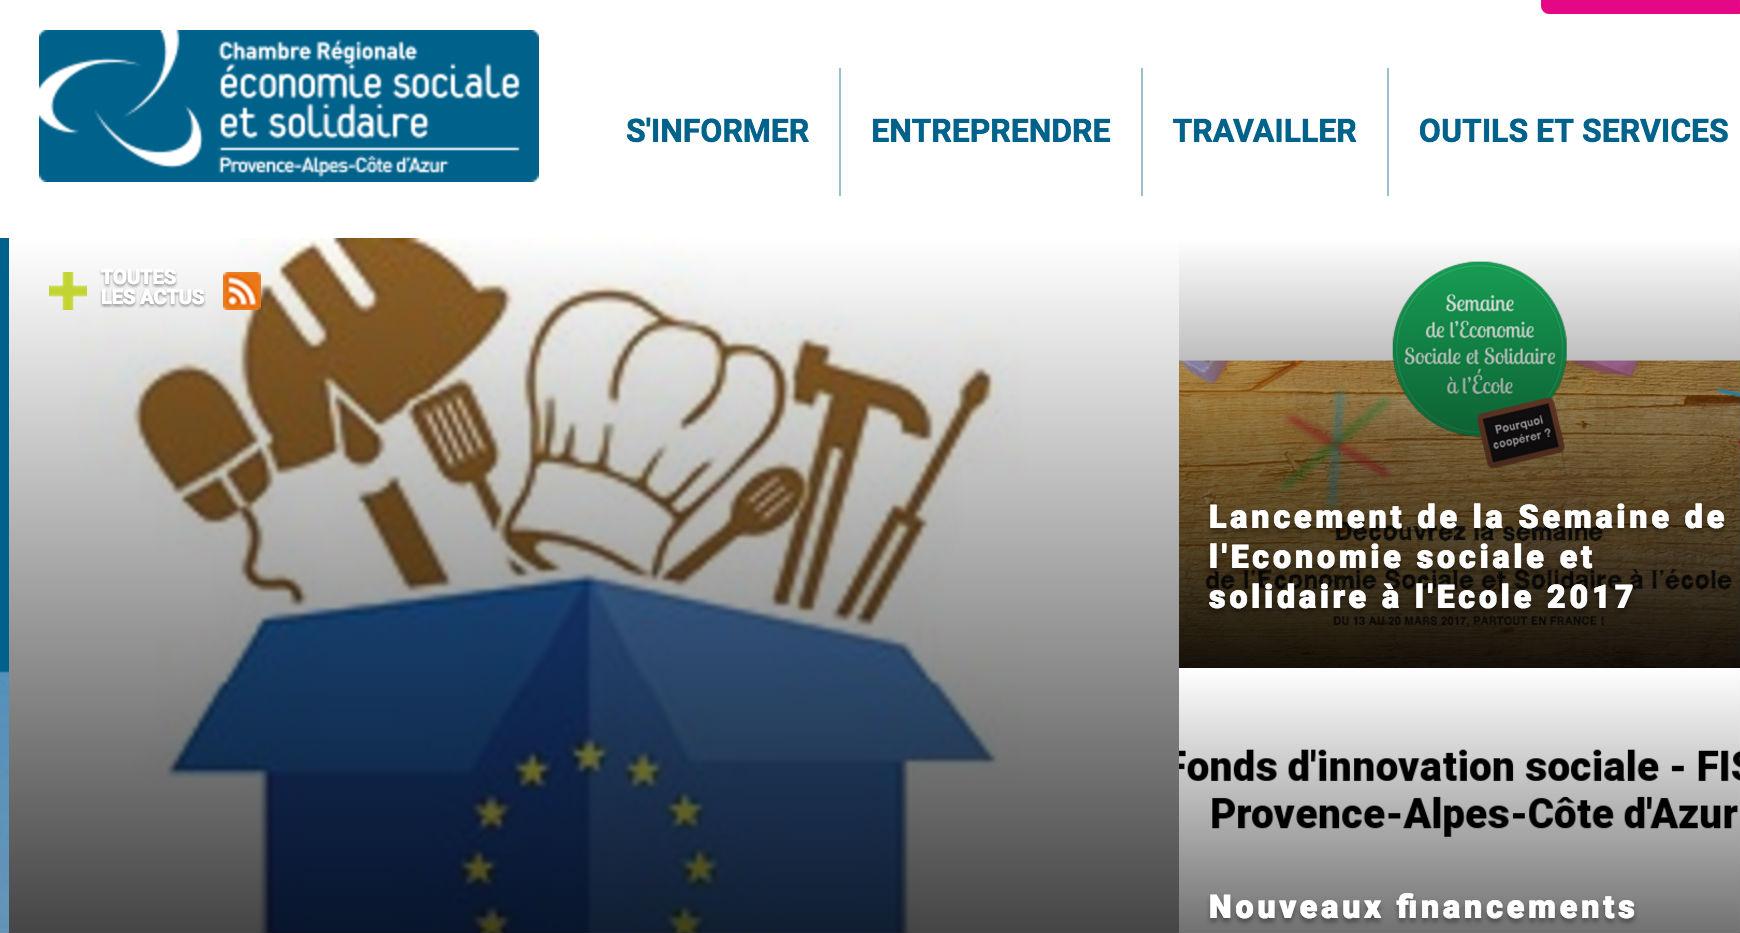 La liste des entreprises de l conomie sociale et - Chambre de l economie sociale et solidaire ...